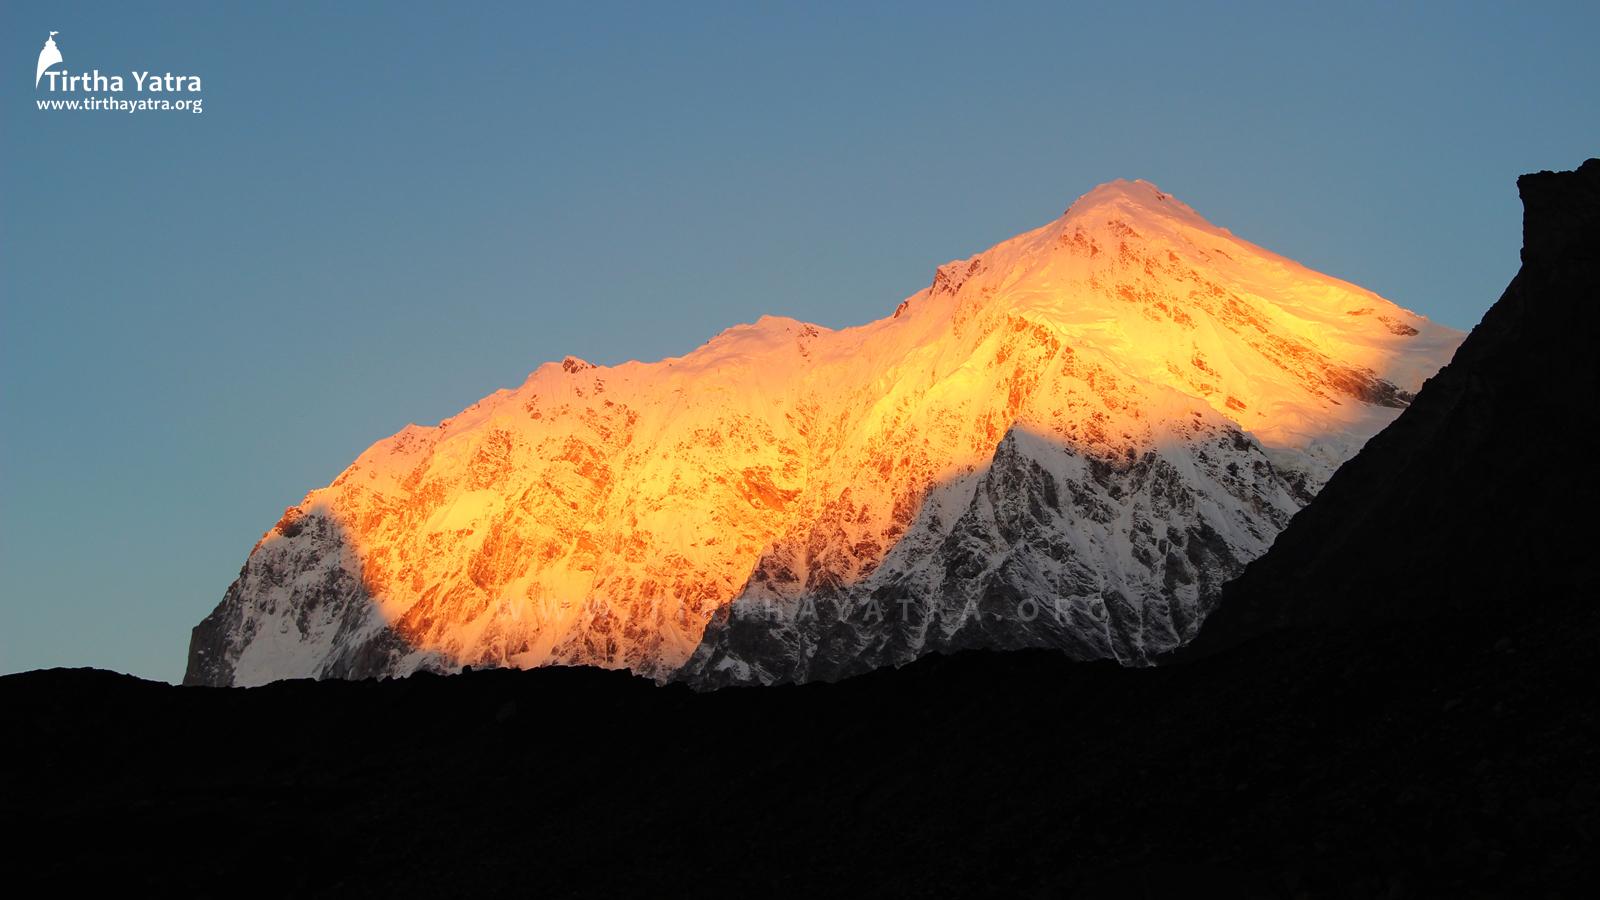 Chaukhamba Mountain